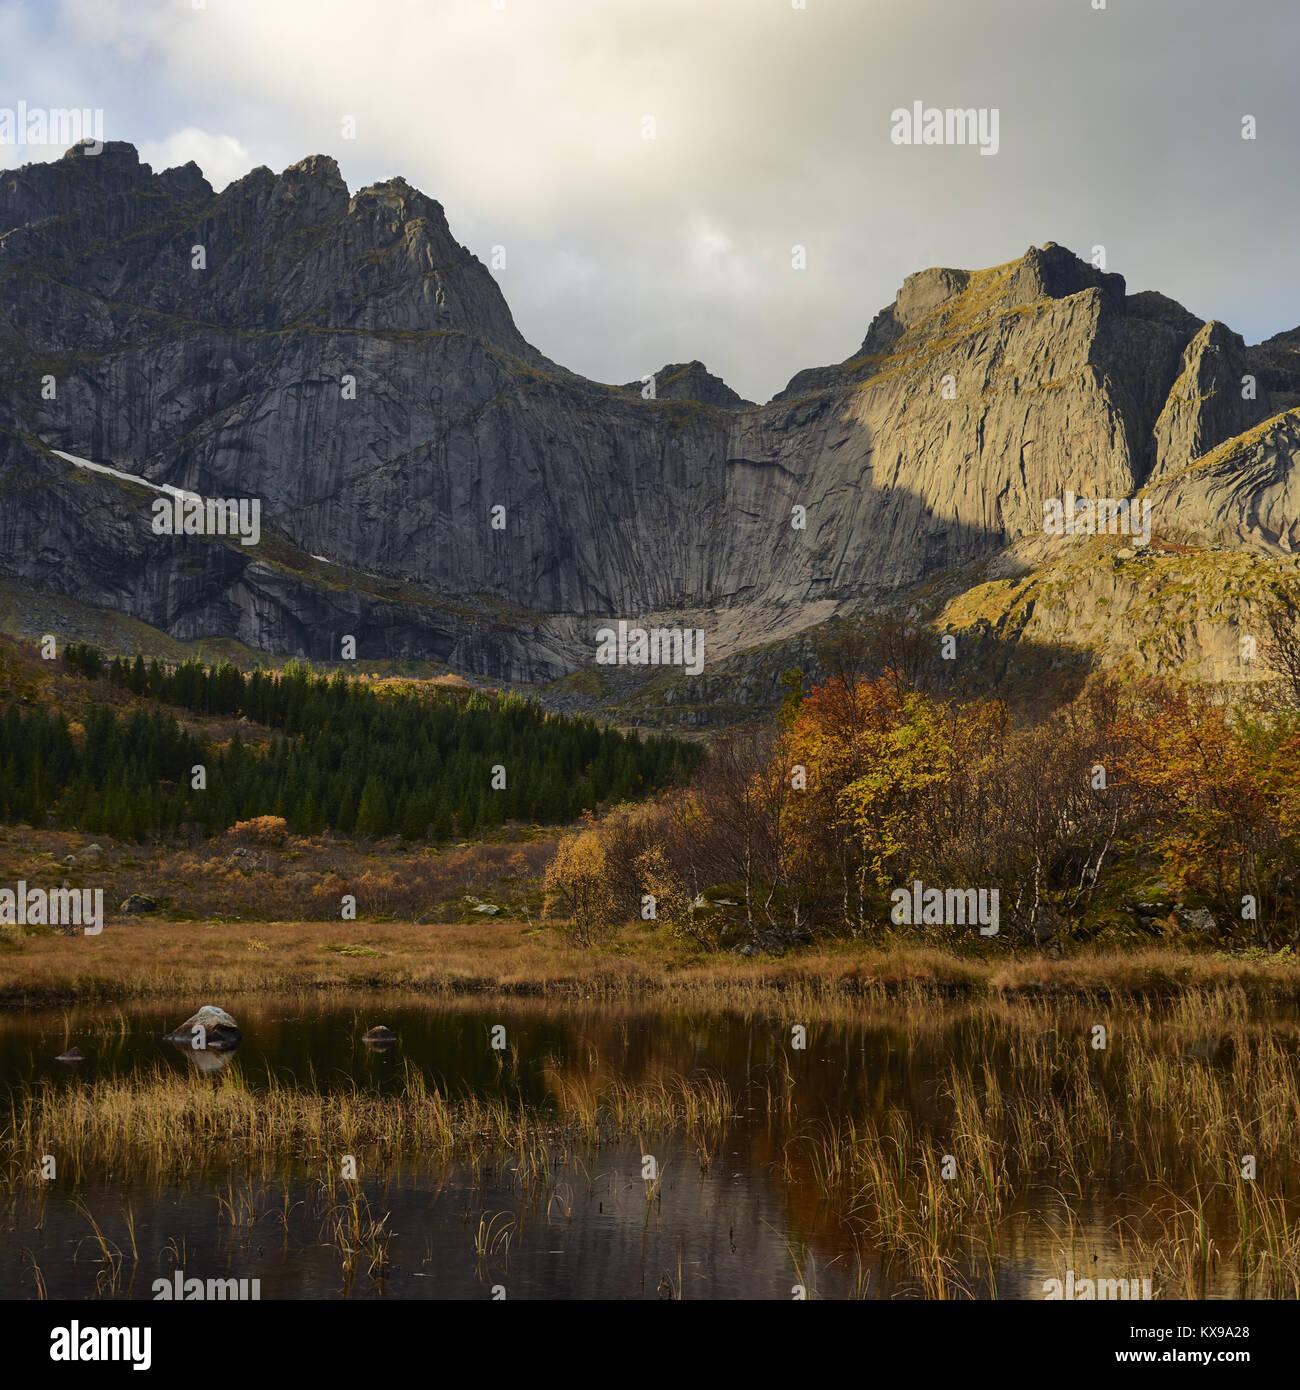 Stjerntinden, Flakstadoya, Lofoten islands, Nordland, Norway - Stock Image